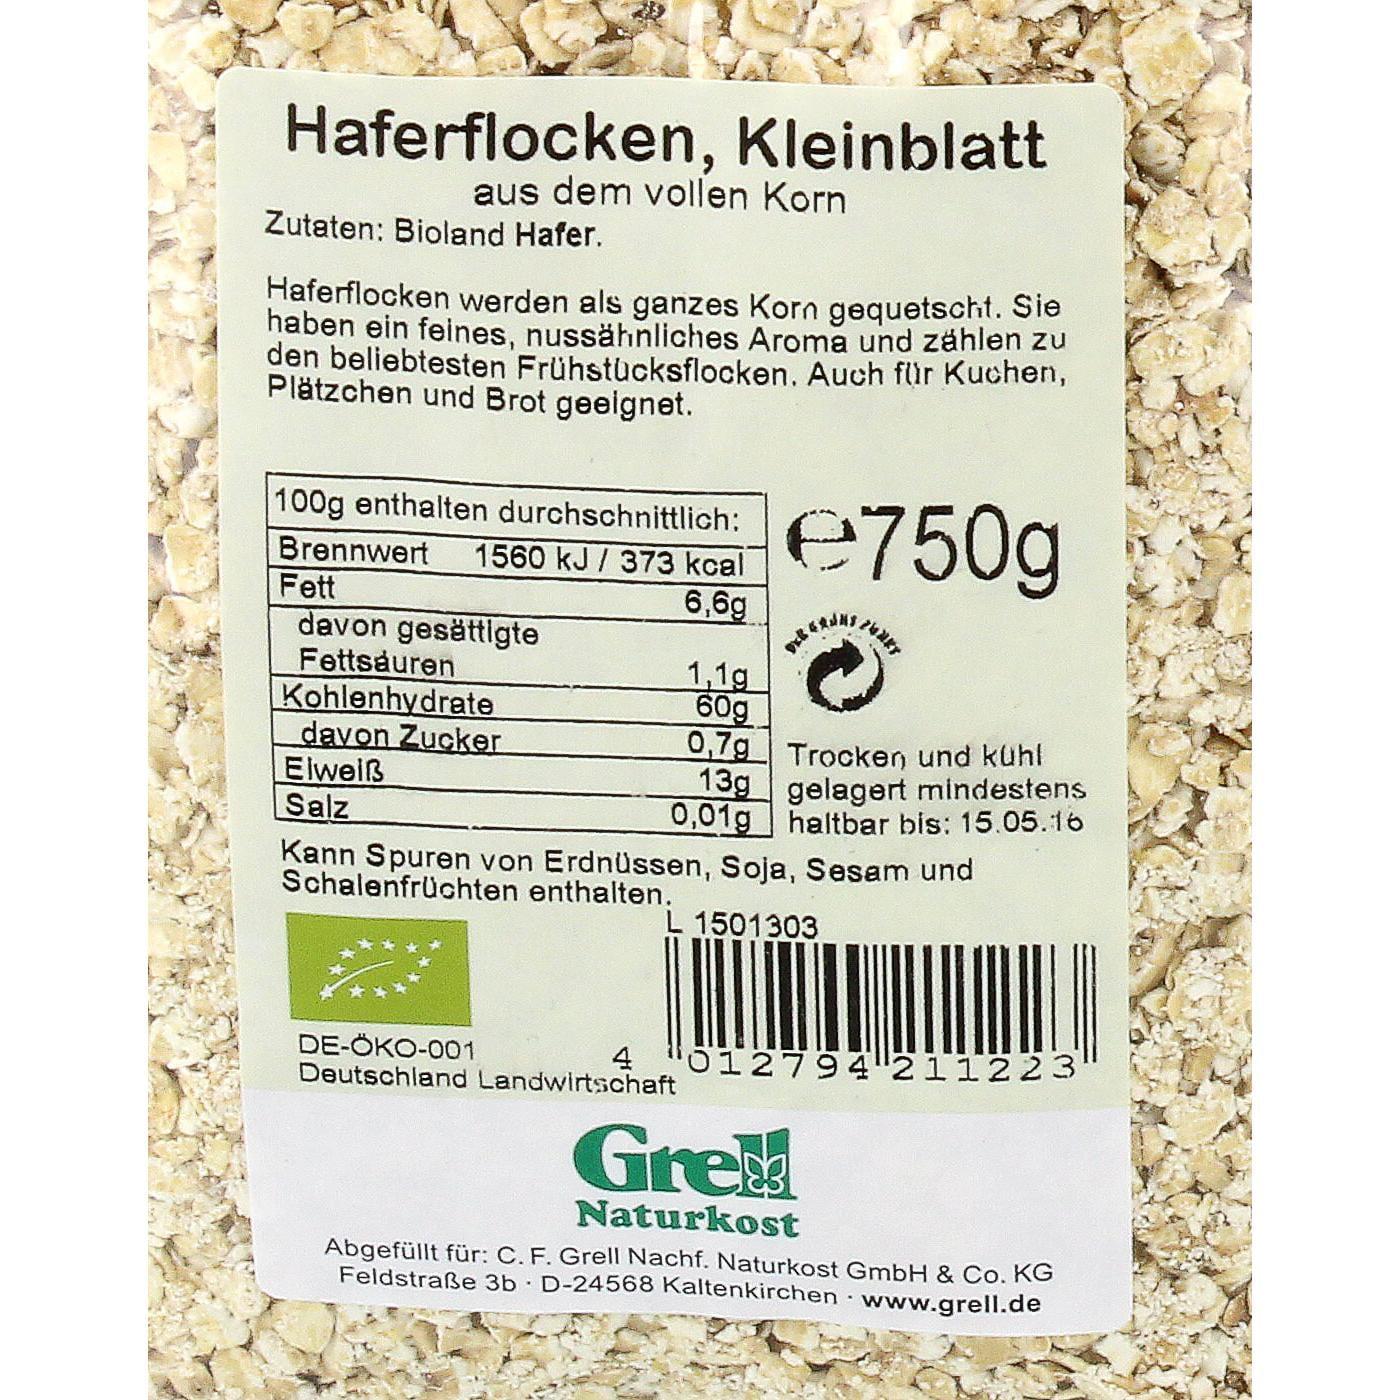 Grell Bio Haferflocken Kleinblatt 750g